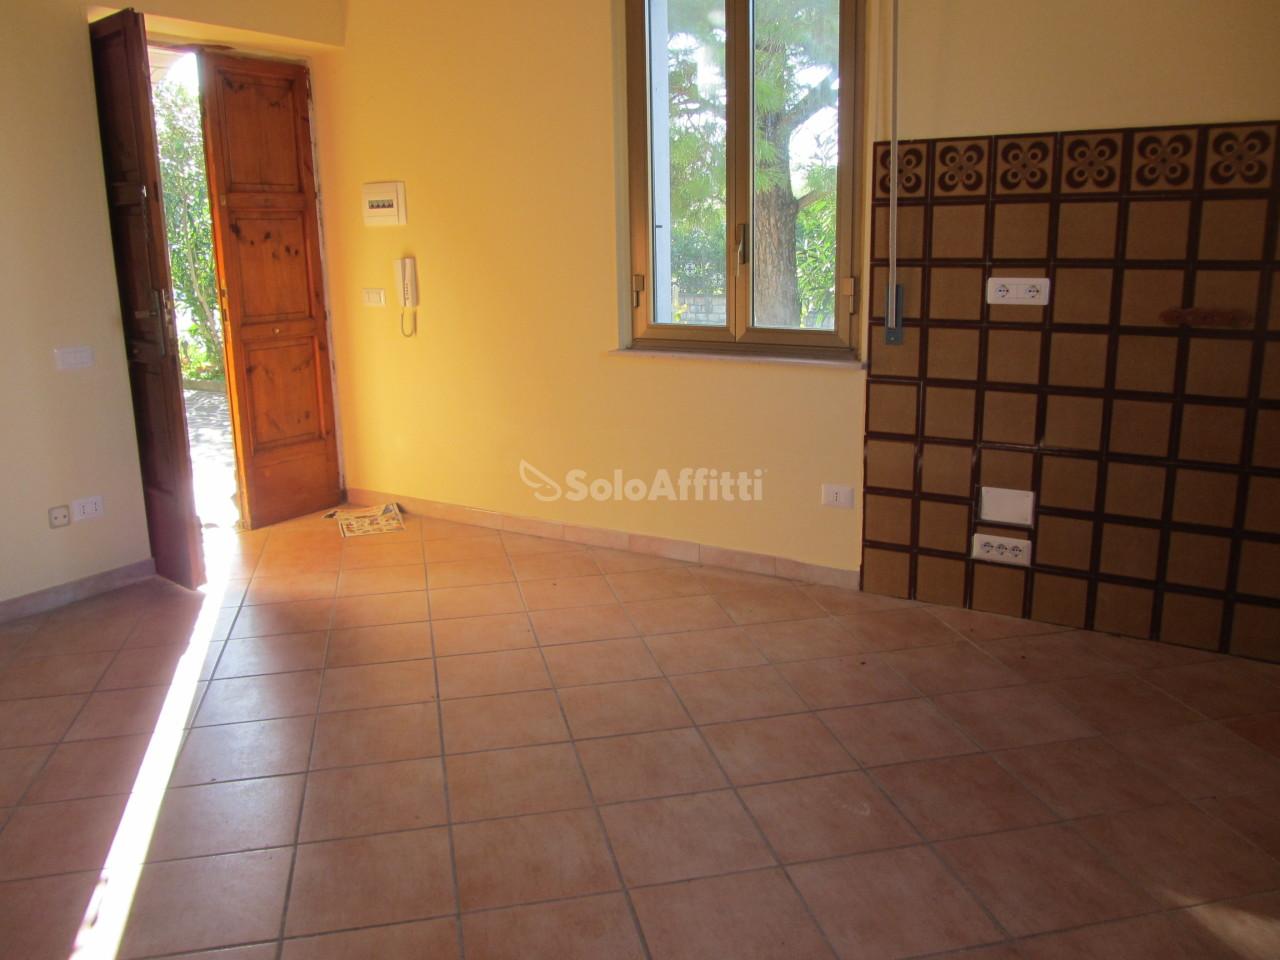 Appartamento - Bilocale a Collescipoli, Terni